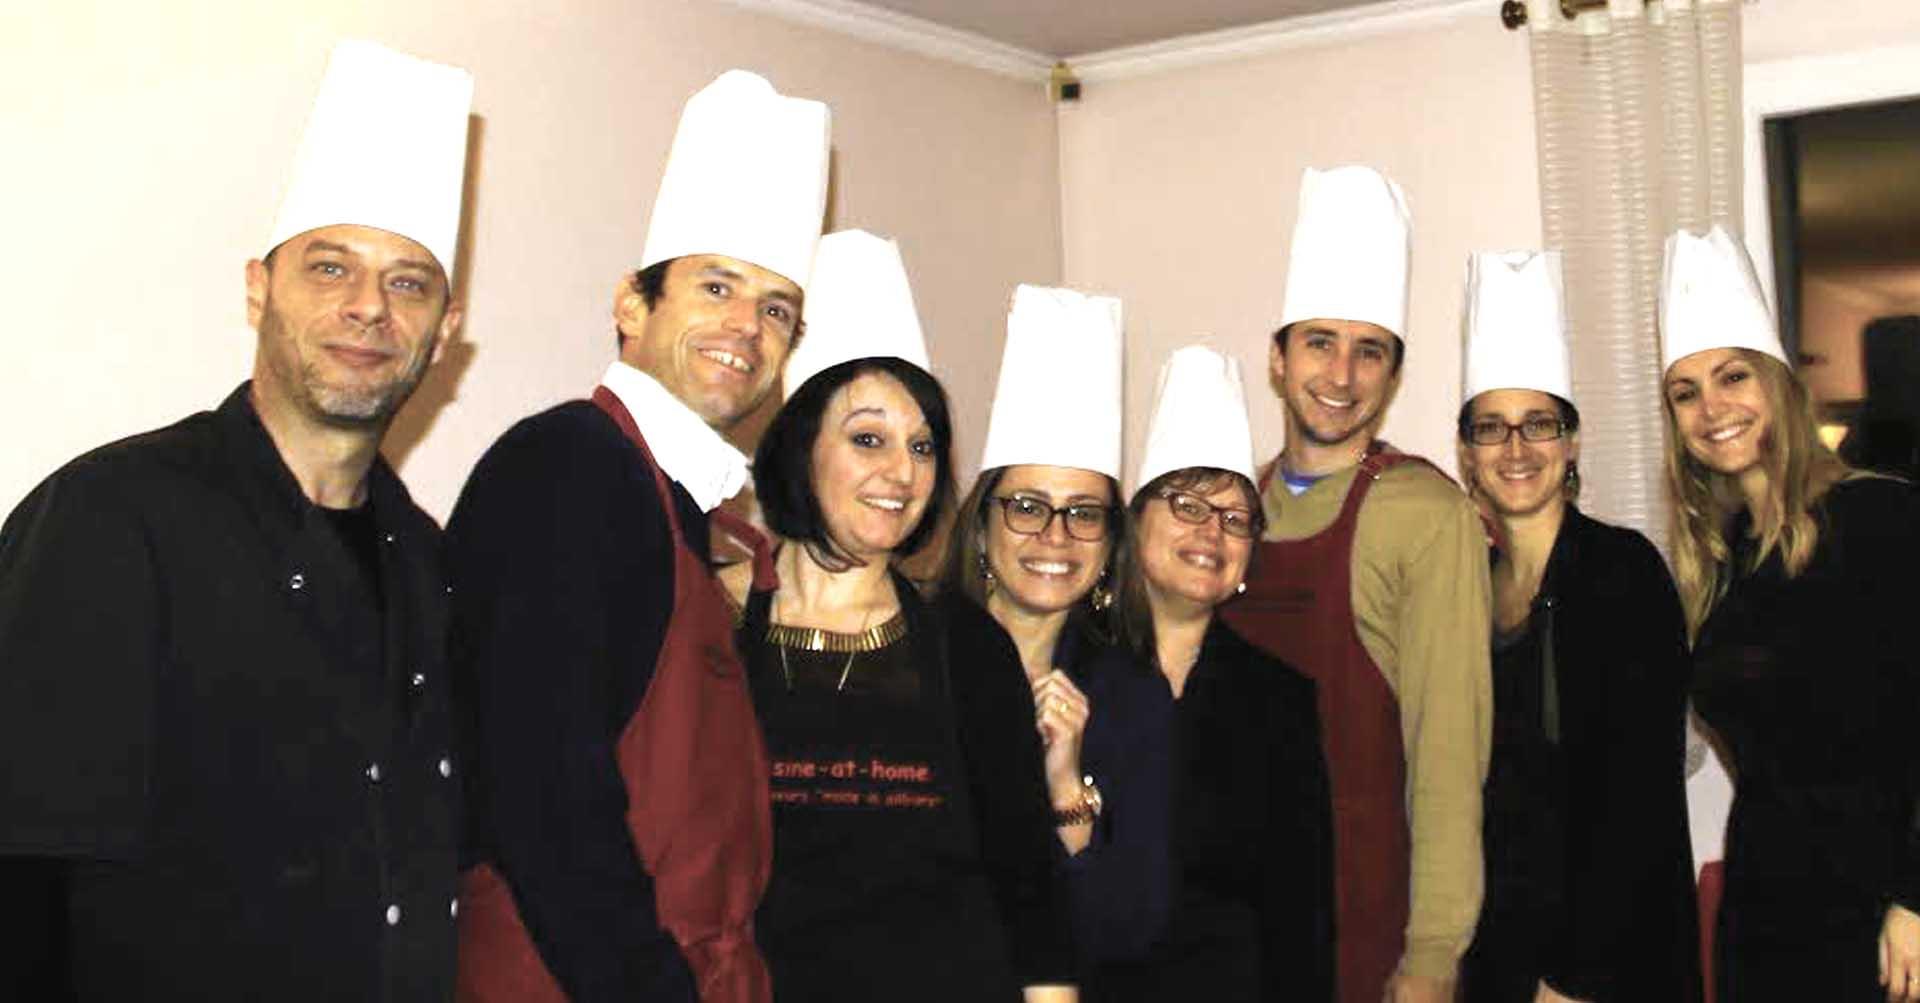 Cuisine at home Cours de cuisine Yvelines CE Cours de cuisine Saint Germain en laye CE